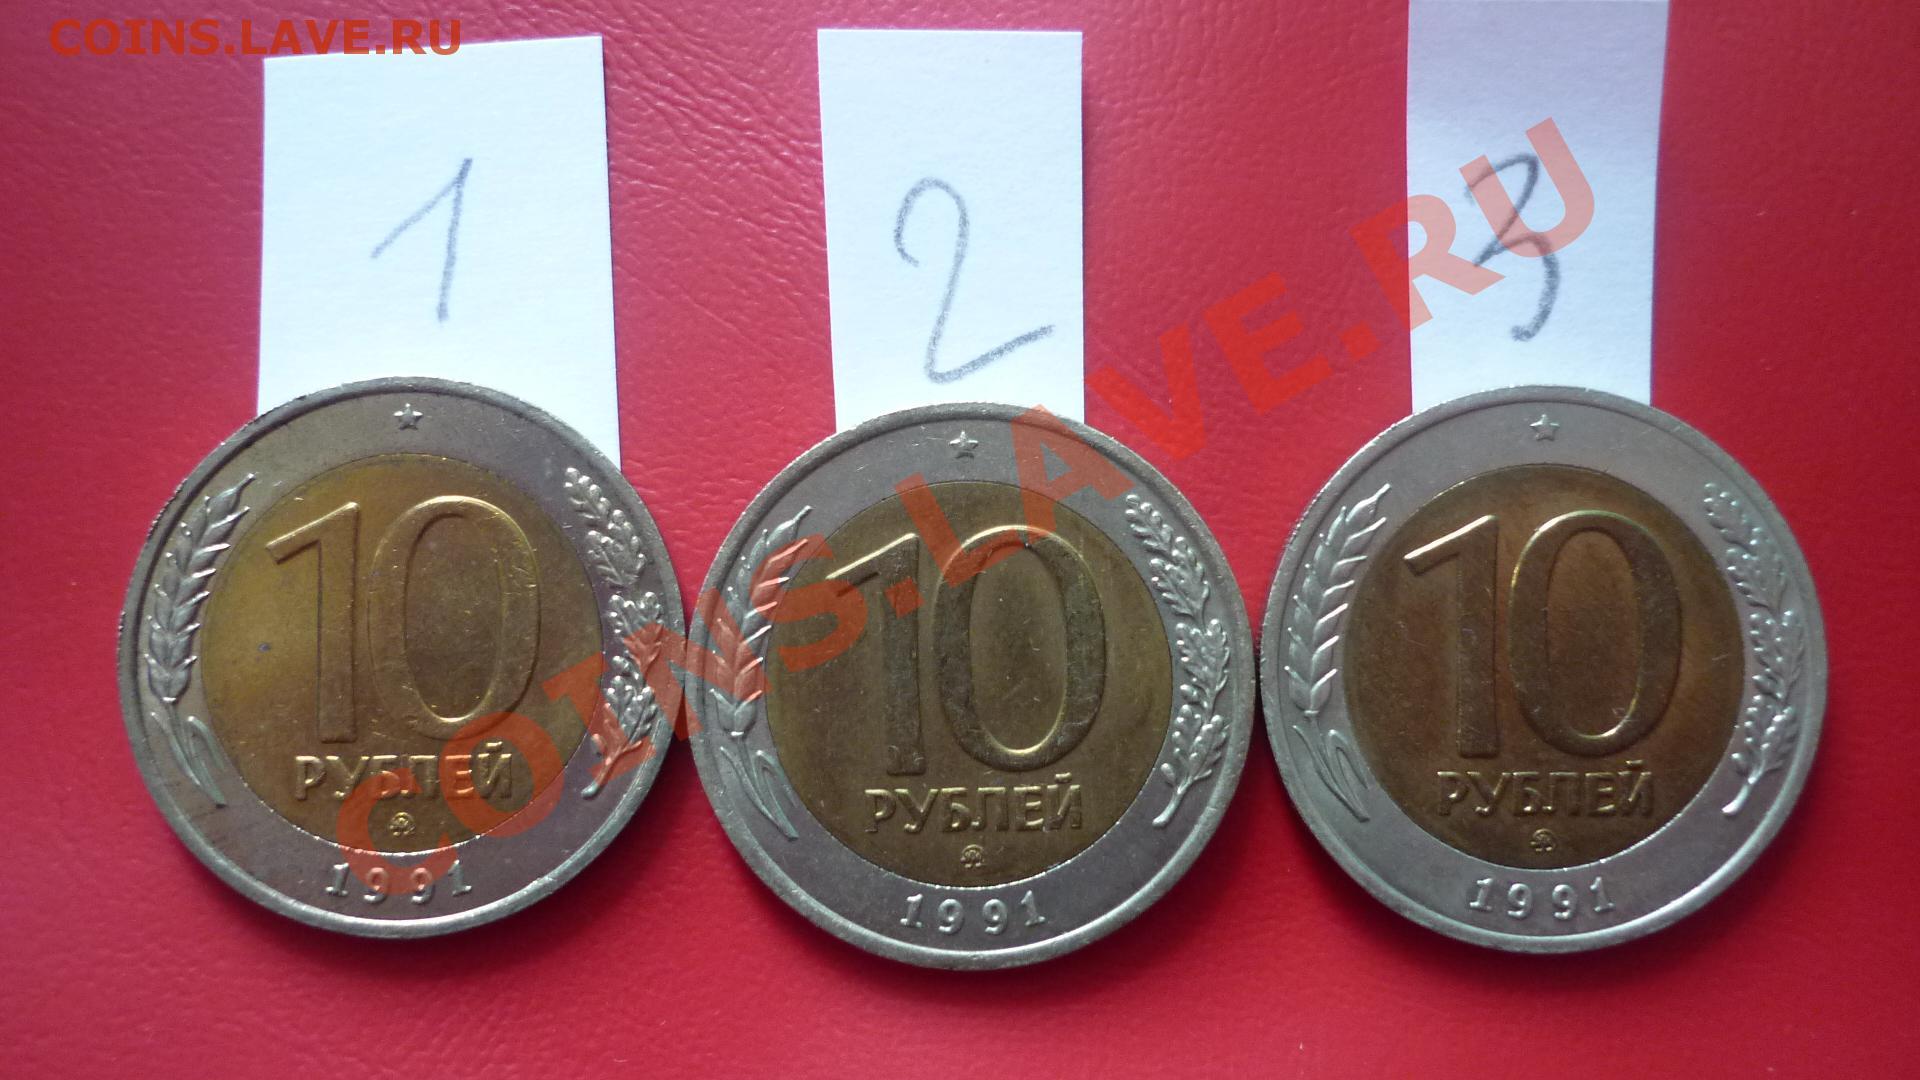 Помогите оценить реально браковые монеты - 10 р 1992 г (лмд)01 2635 кб просмотров: 67